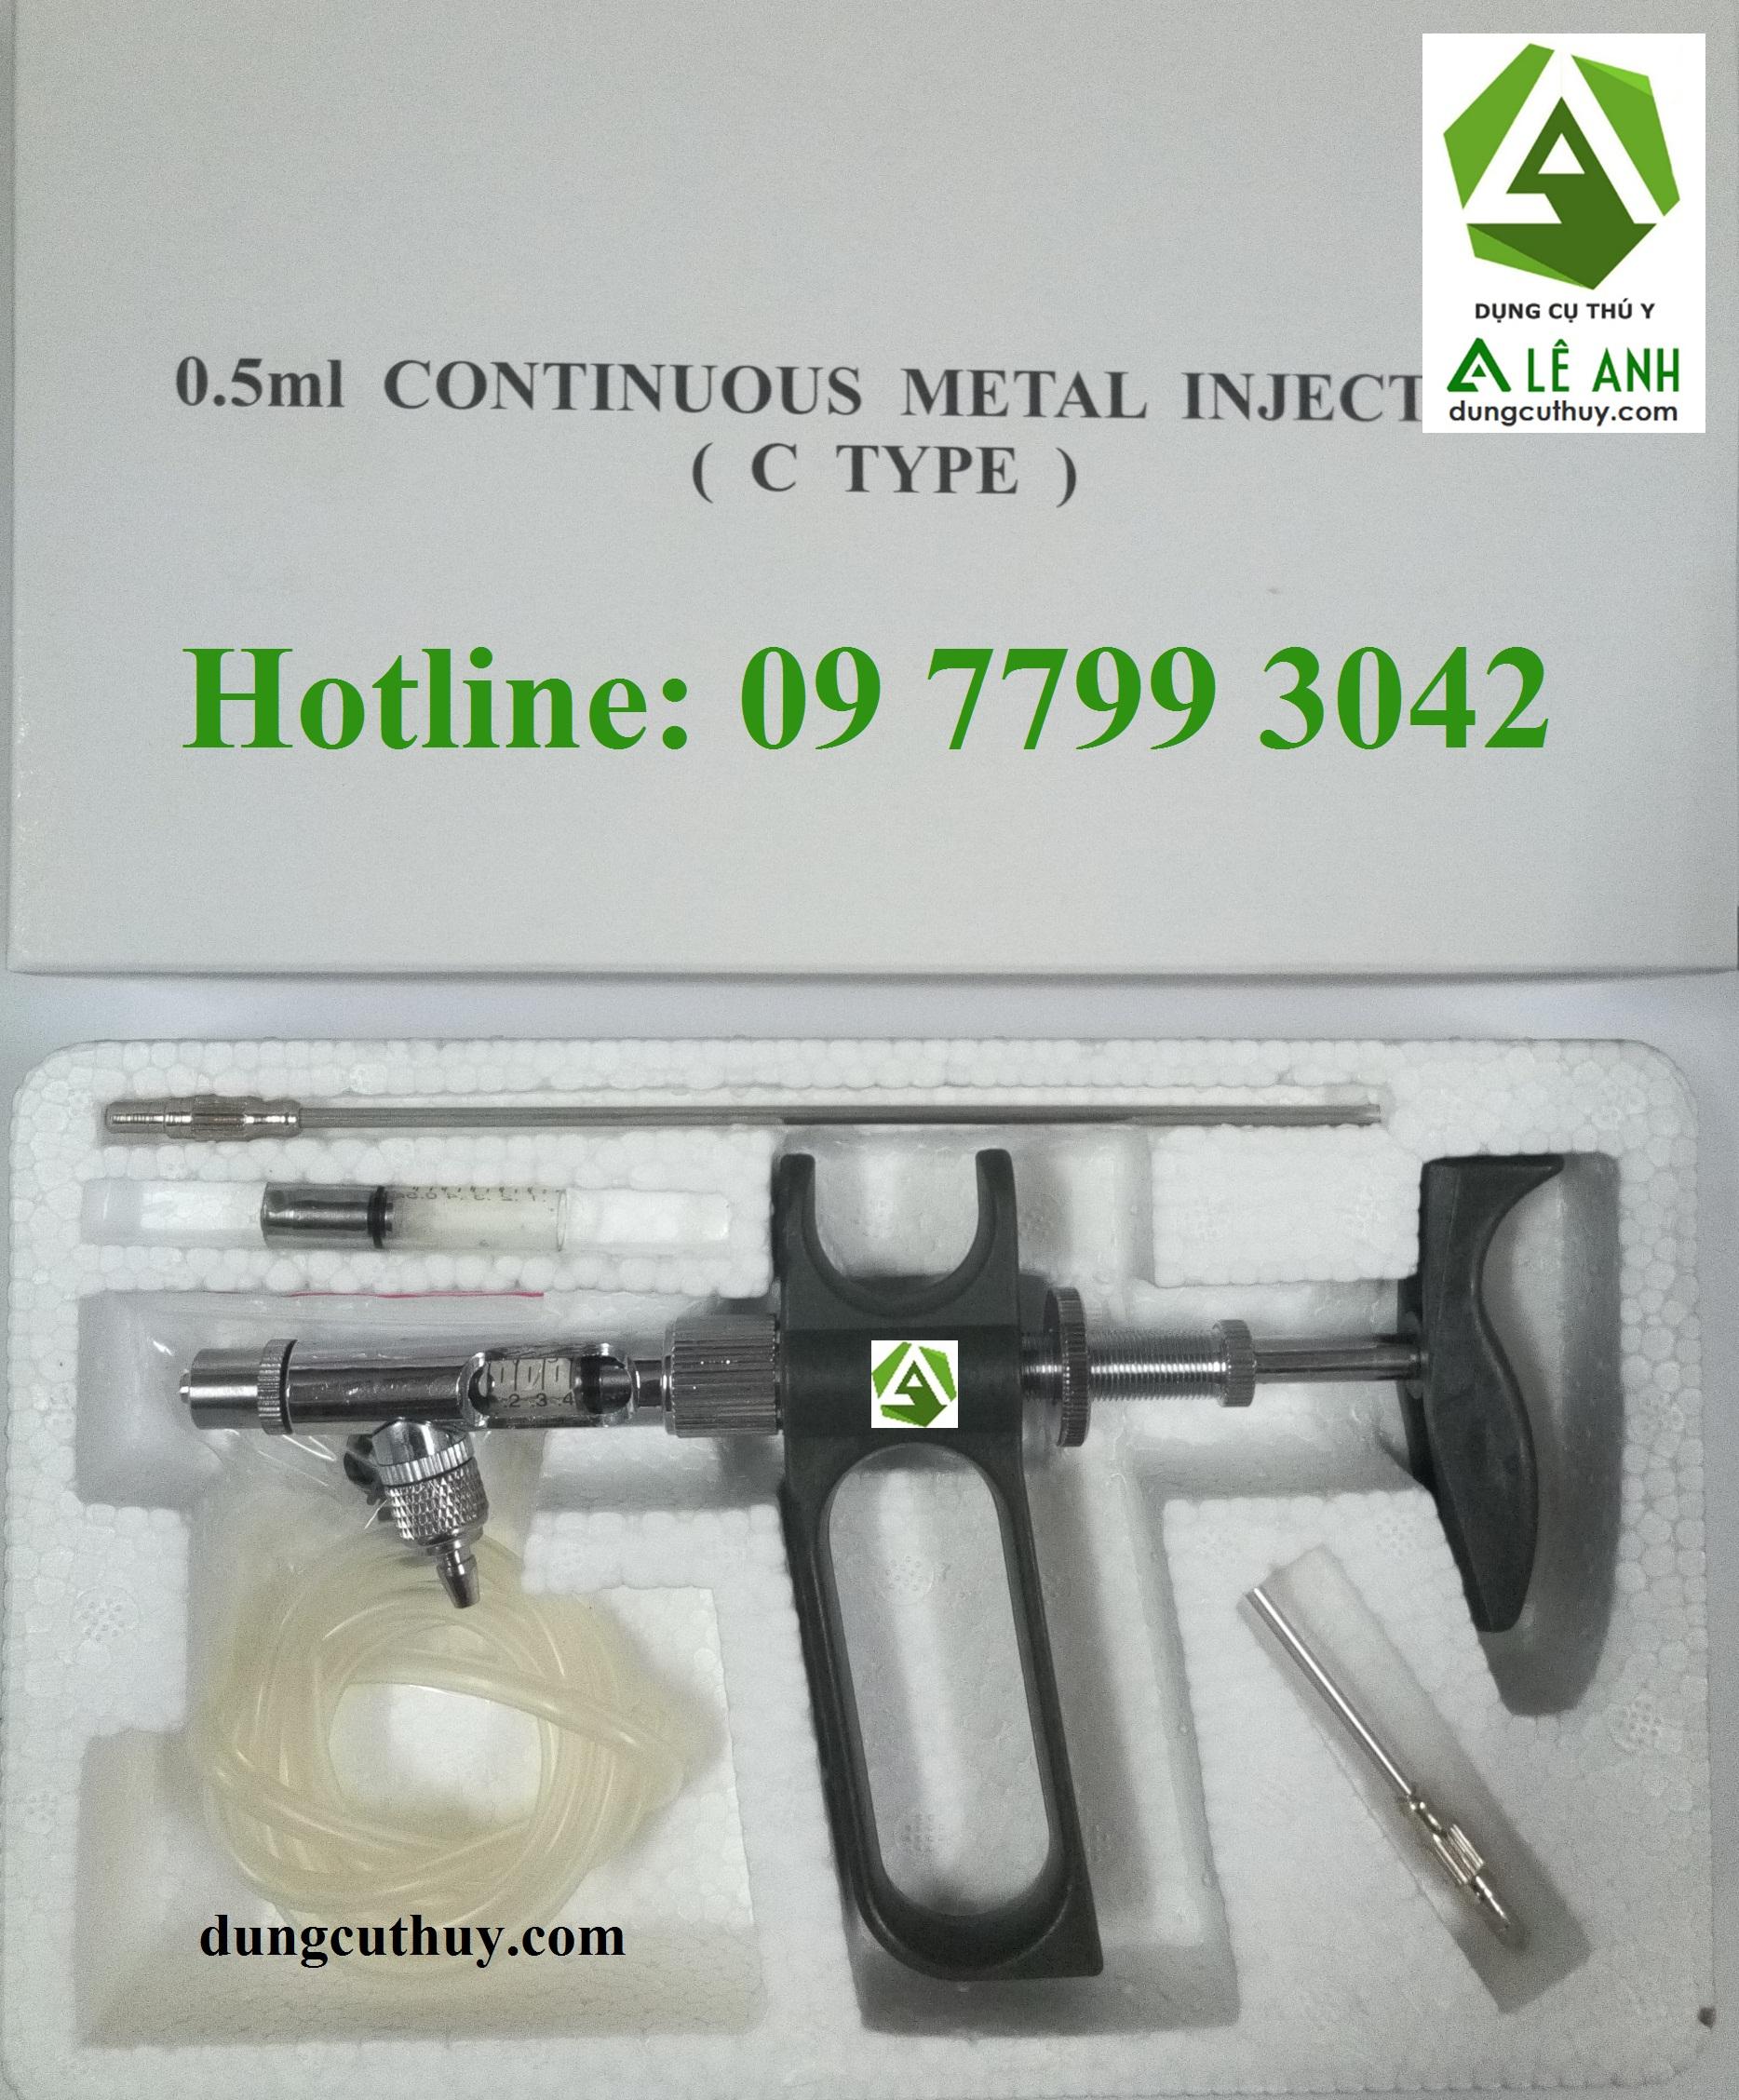 ống tiêm tự động